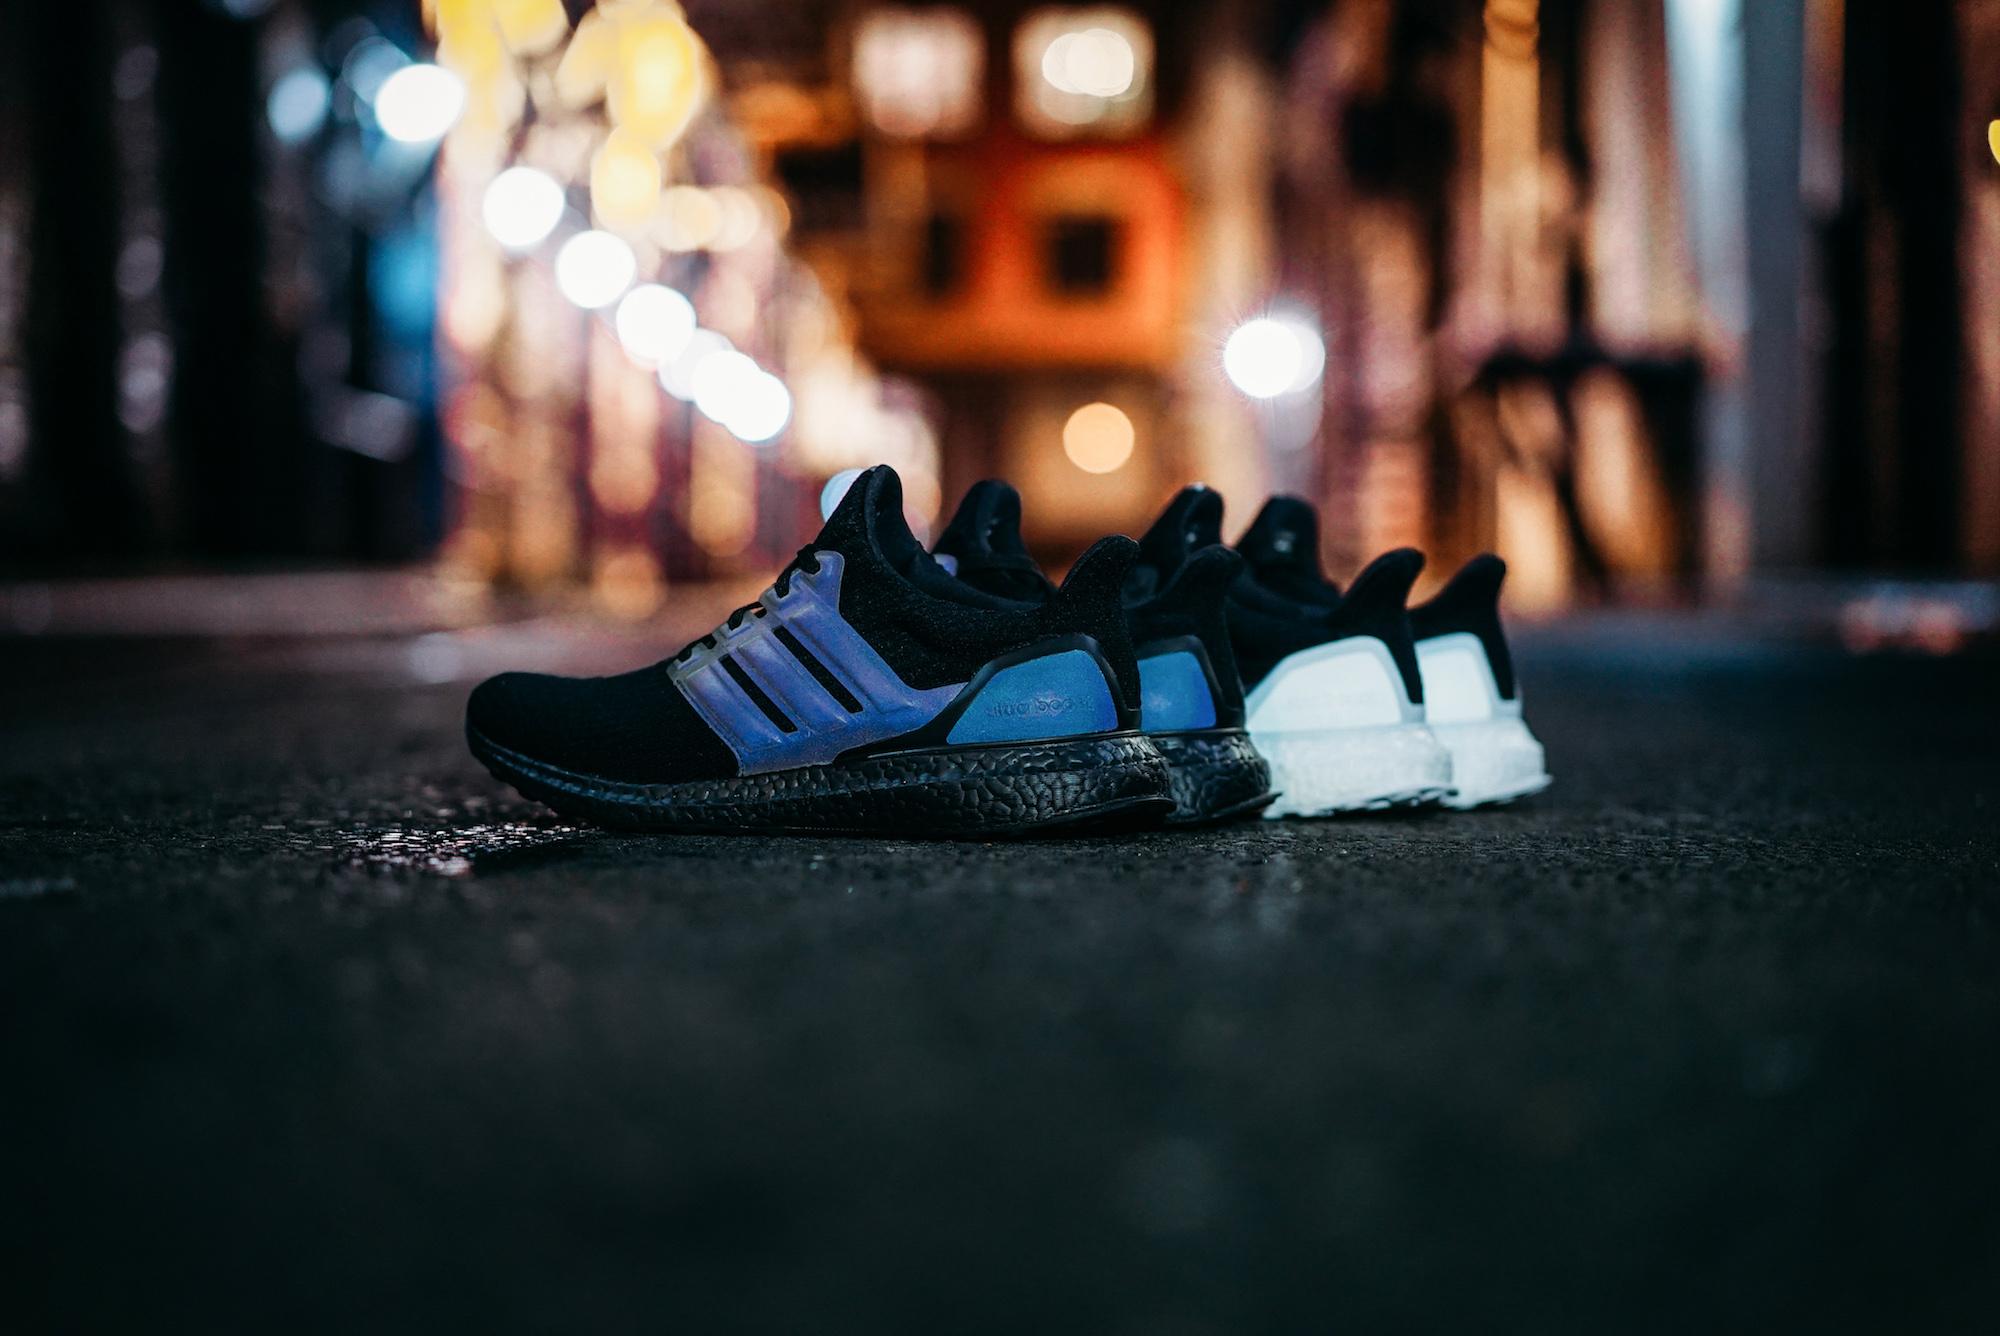 60e5d920a6d43 miadidas ultraboost XENO 5 · adidas   Customs   Kicks Off Court   Runners  ...